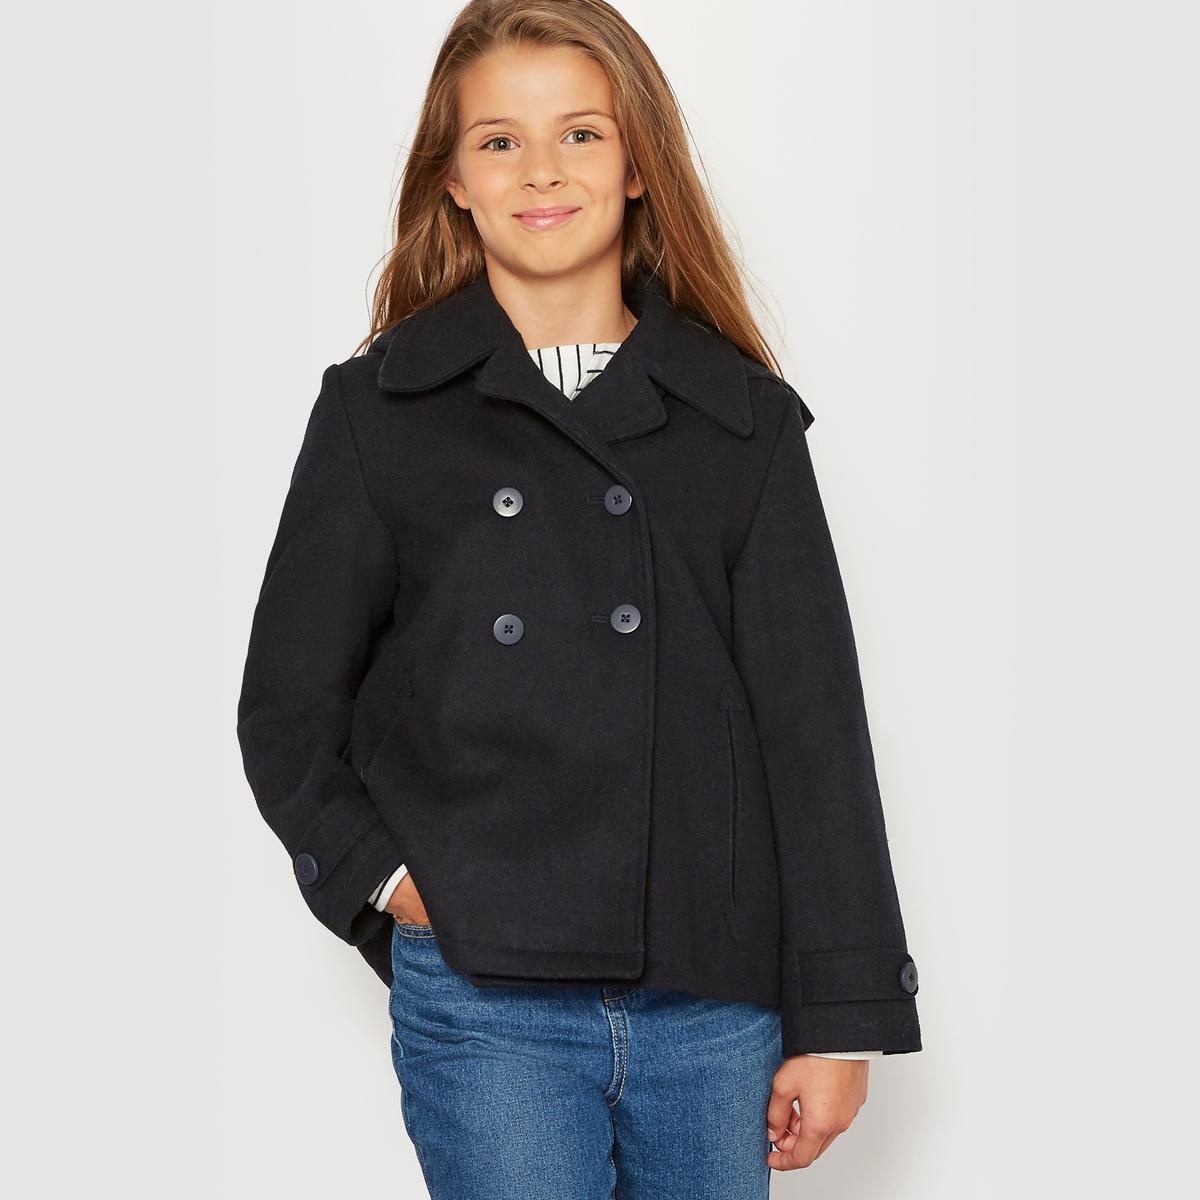 Куртка короткая из шерстяного драпа, 10-16 летКороткая куртка из шерстяного драпа. Пиджачный воротник. Съемный капюшон на подкладке. Двубортная планка застежки. 2 прорезных кармана спереди. Подкладка в горошек.  Состав и описание : Материал Шерстяной драп 57% шерсти, 33% полиэстера, 10% других волоконПодкладка    100% полиэстераМарка       R essentielУход :Машинная стирка при 30 °C с вещами схожих цветов.Стирка и глажка с изнаночной стороны.Машинная сушка запрещена.Гладить при умеренной температуре.<br><br>Цвет: синий морской